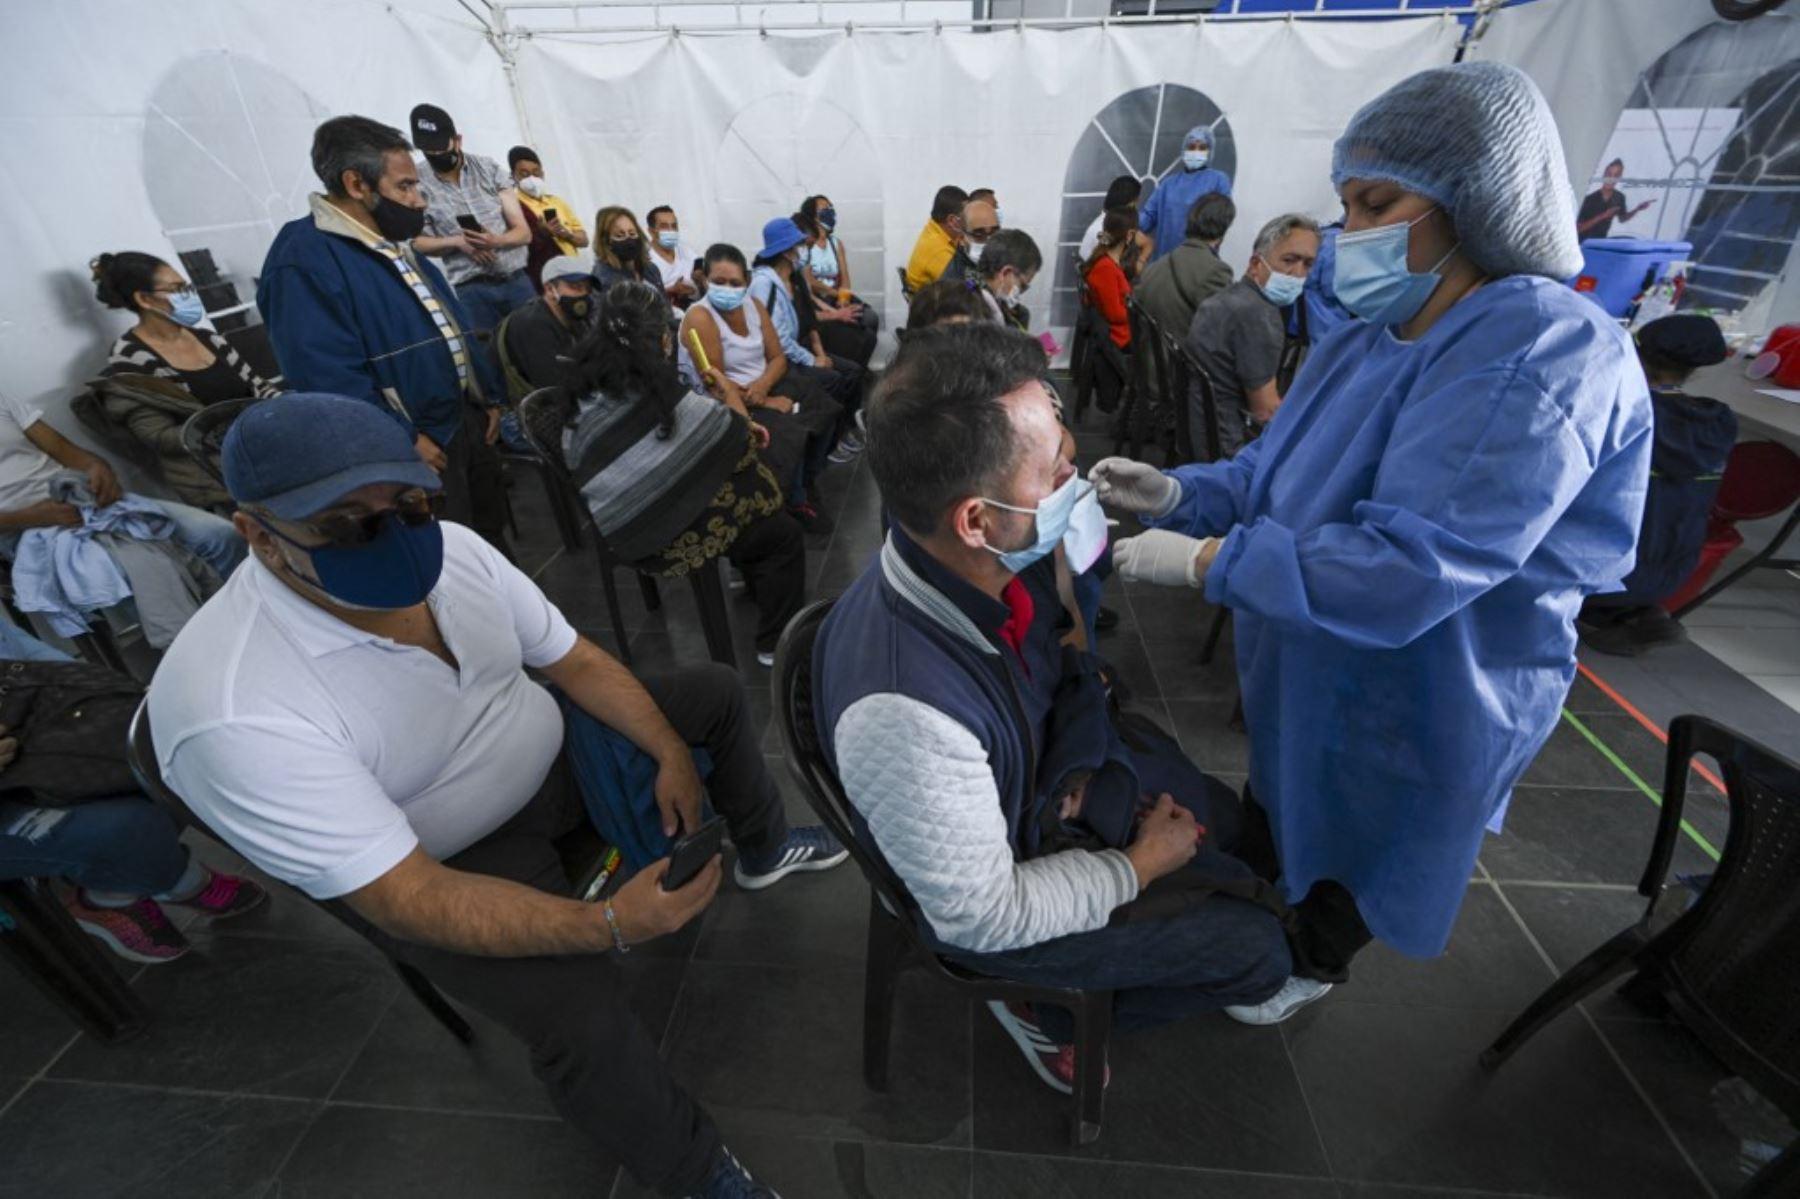 Un hombre recibe una dosis del coronavirus Pfizer-BioNTech covid-19 en un centro comercial en el que se vacuna a personas mayores de 50 años en medio de la pandemia del nuevo coronavirus, en Bogotá. Foto: AFP